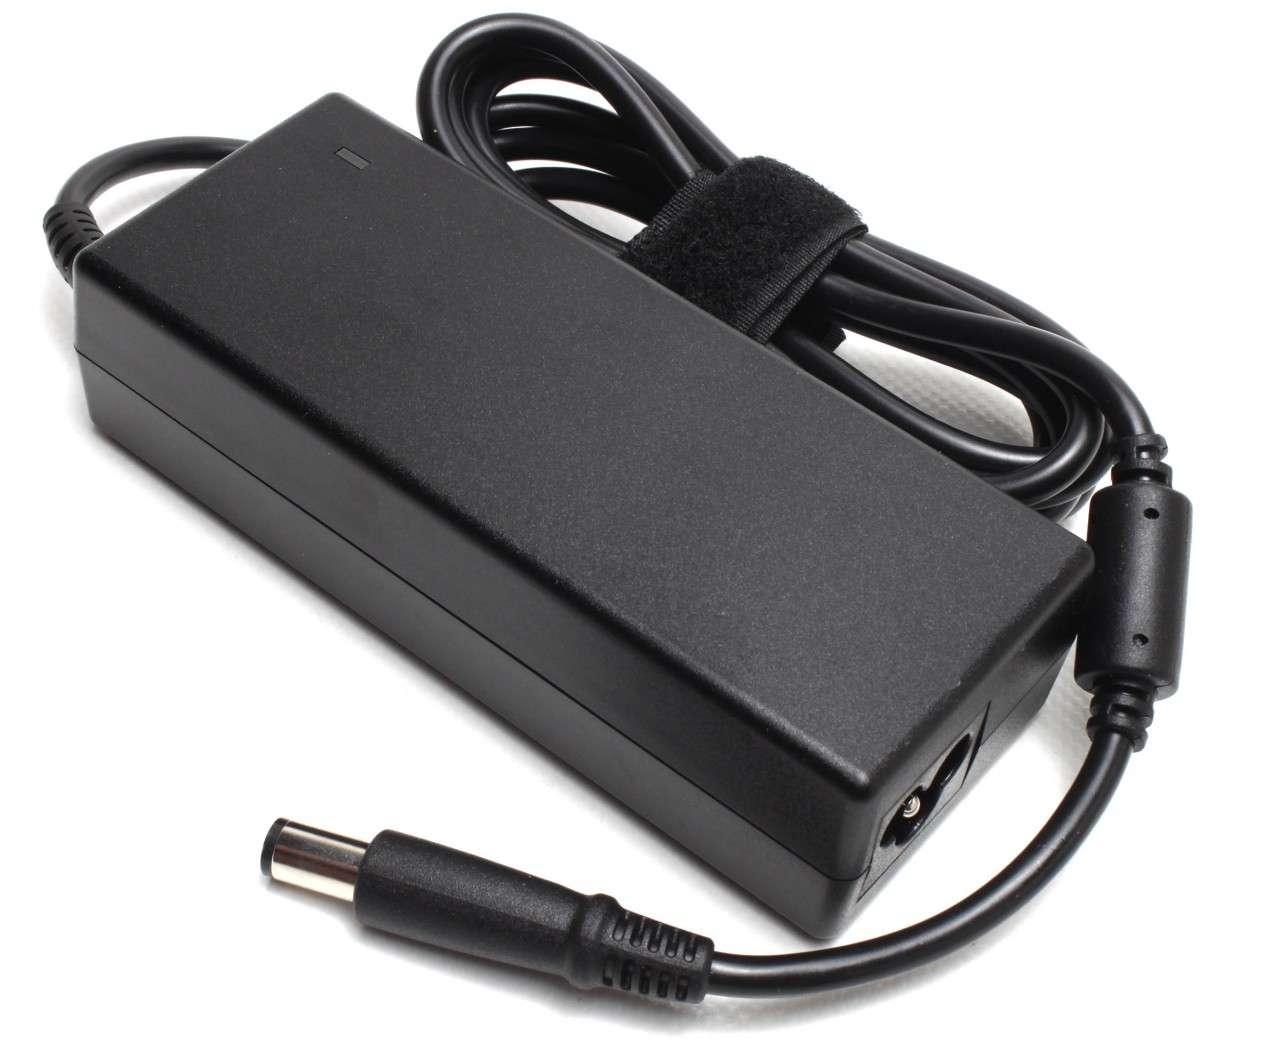 Incarcator Dell Vostro 1200 VARIANTA 3 imagine powerlaptop.ro 2021